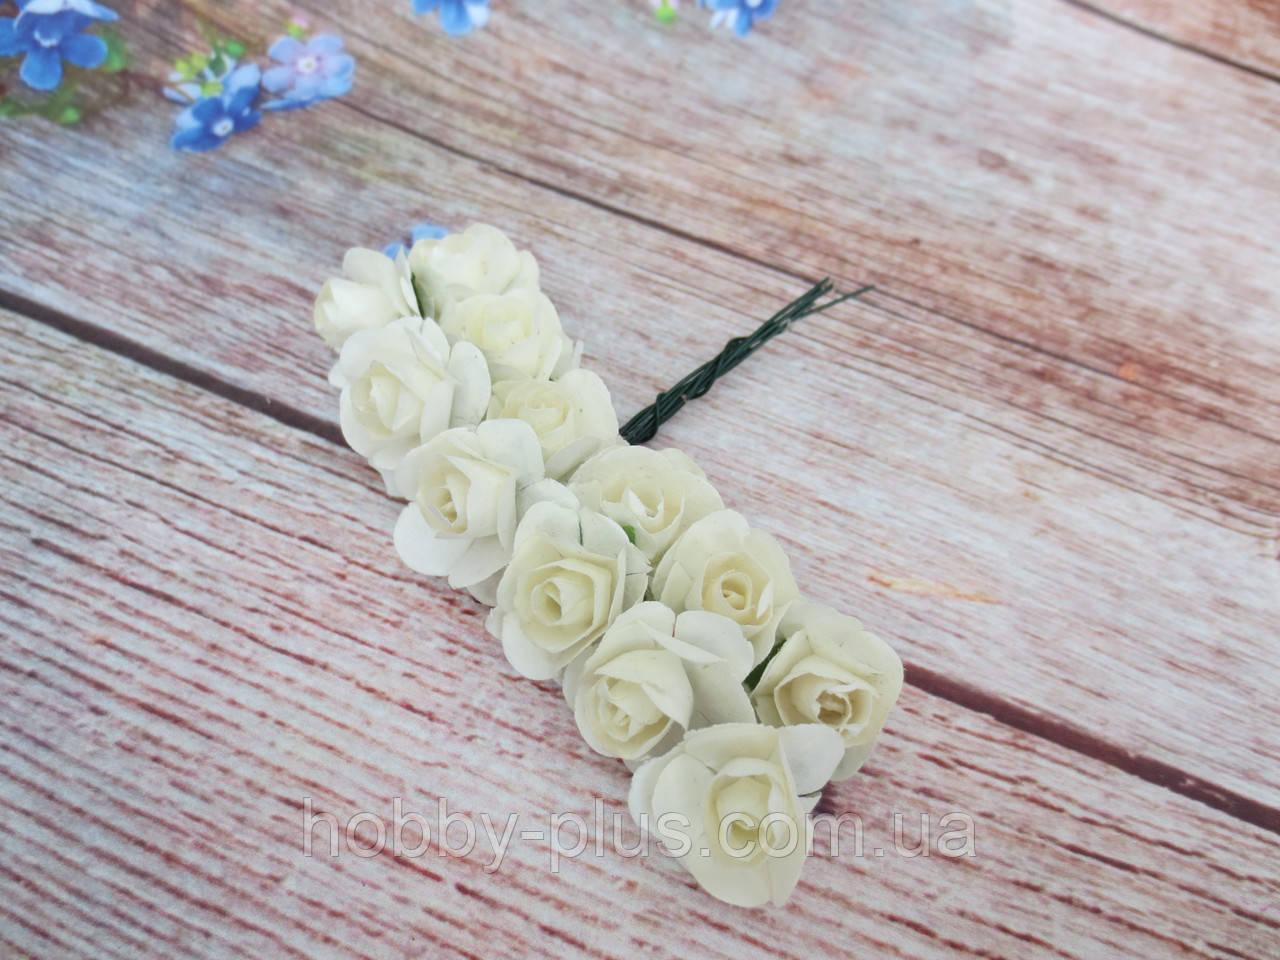 Роза бумажная, d 1,5 см, цвет АЙВОРИ, 12 шт/упаковка